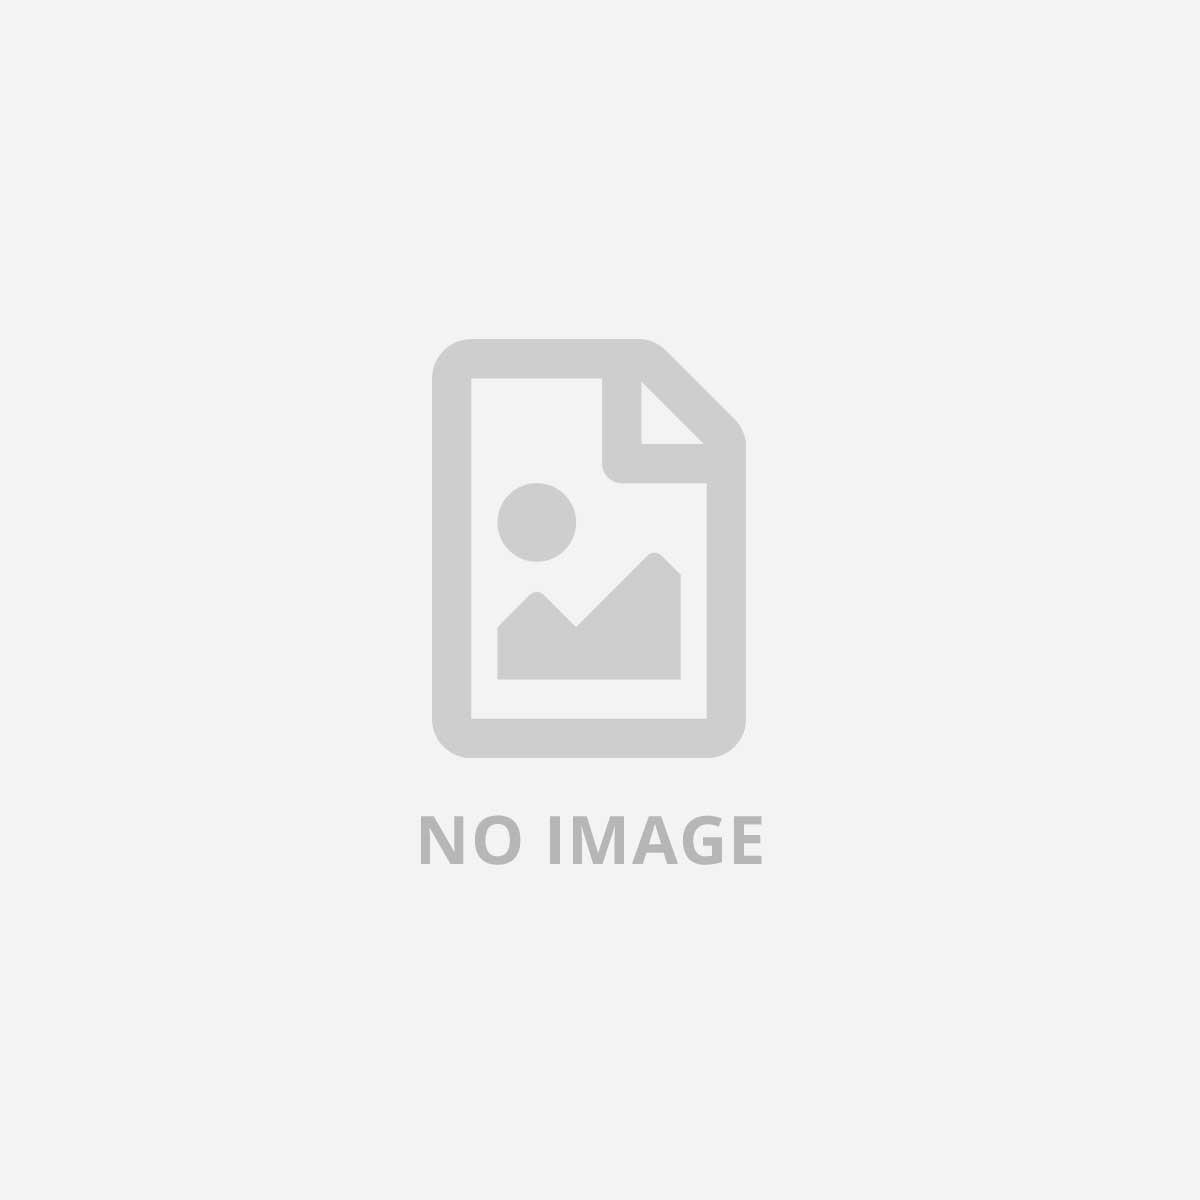 HP DESIGNJET T650 PRINTER 61CM 24IN